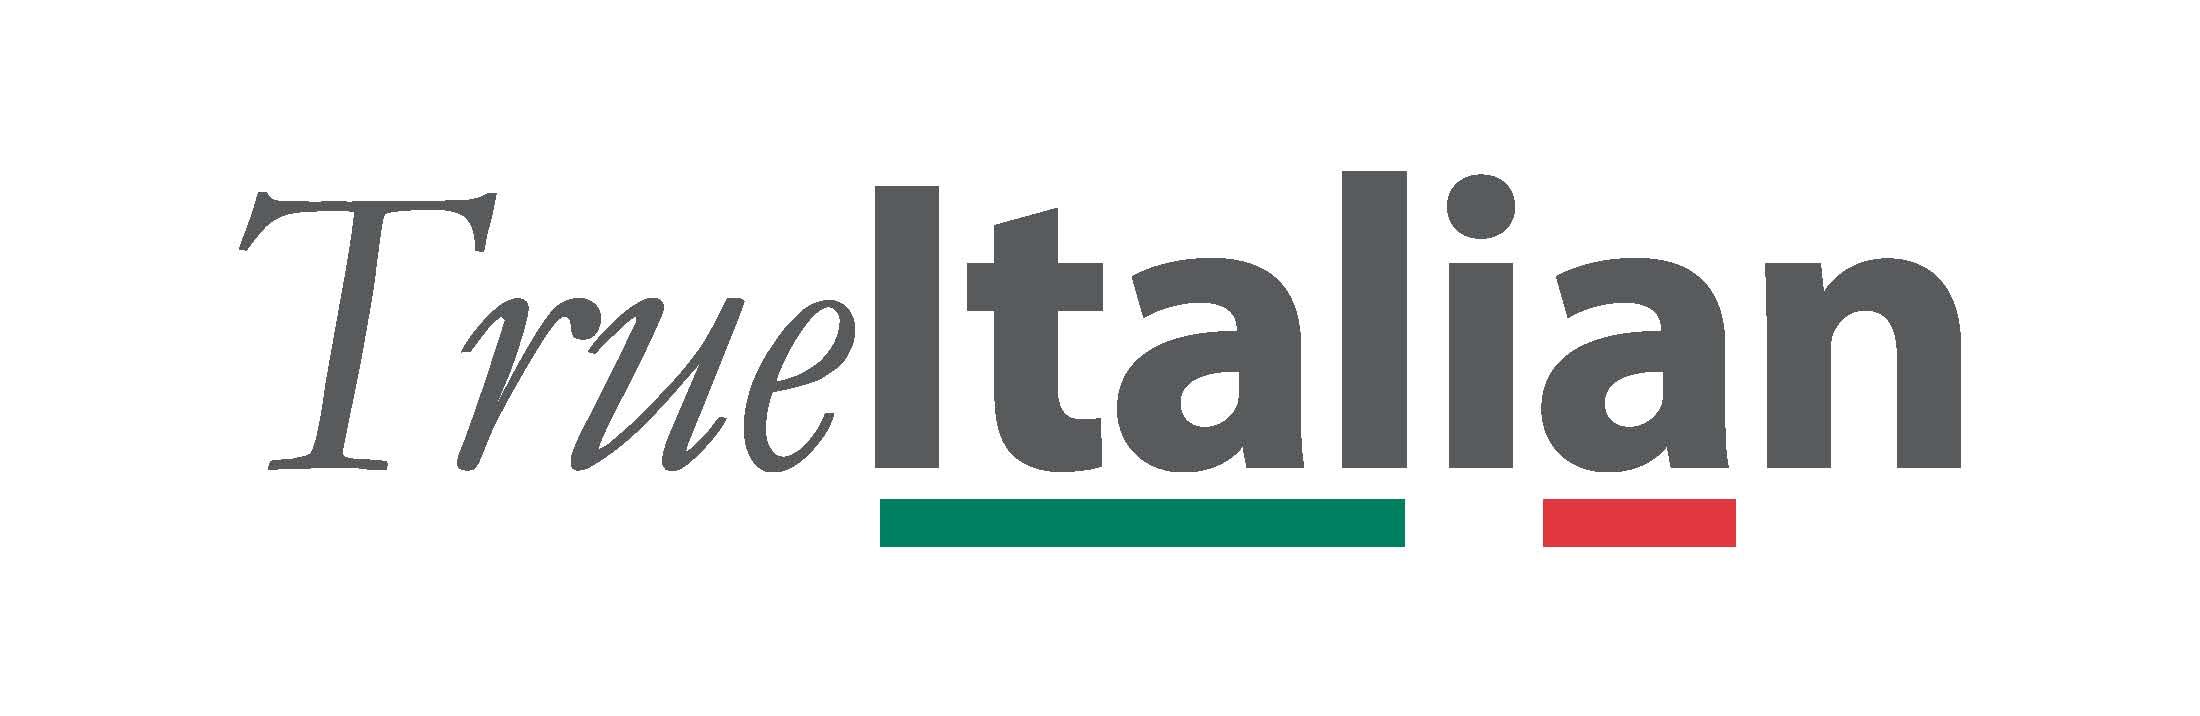 Italian+food+logo